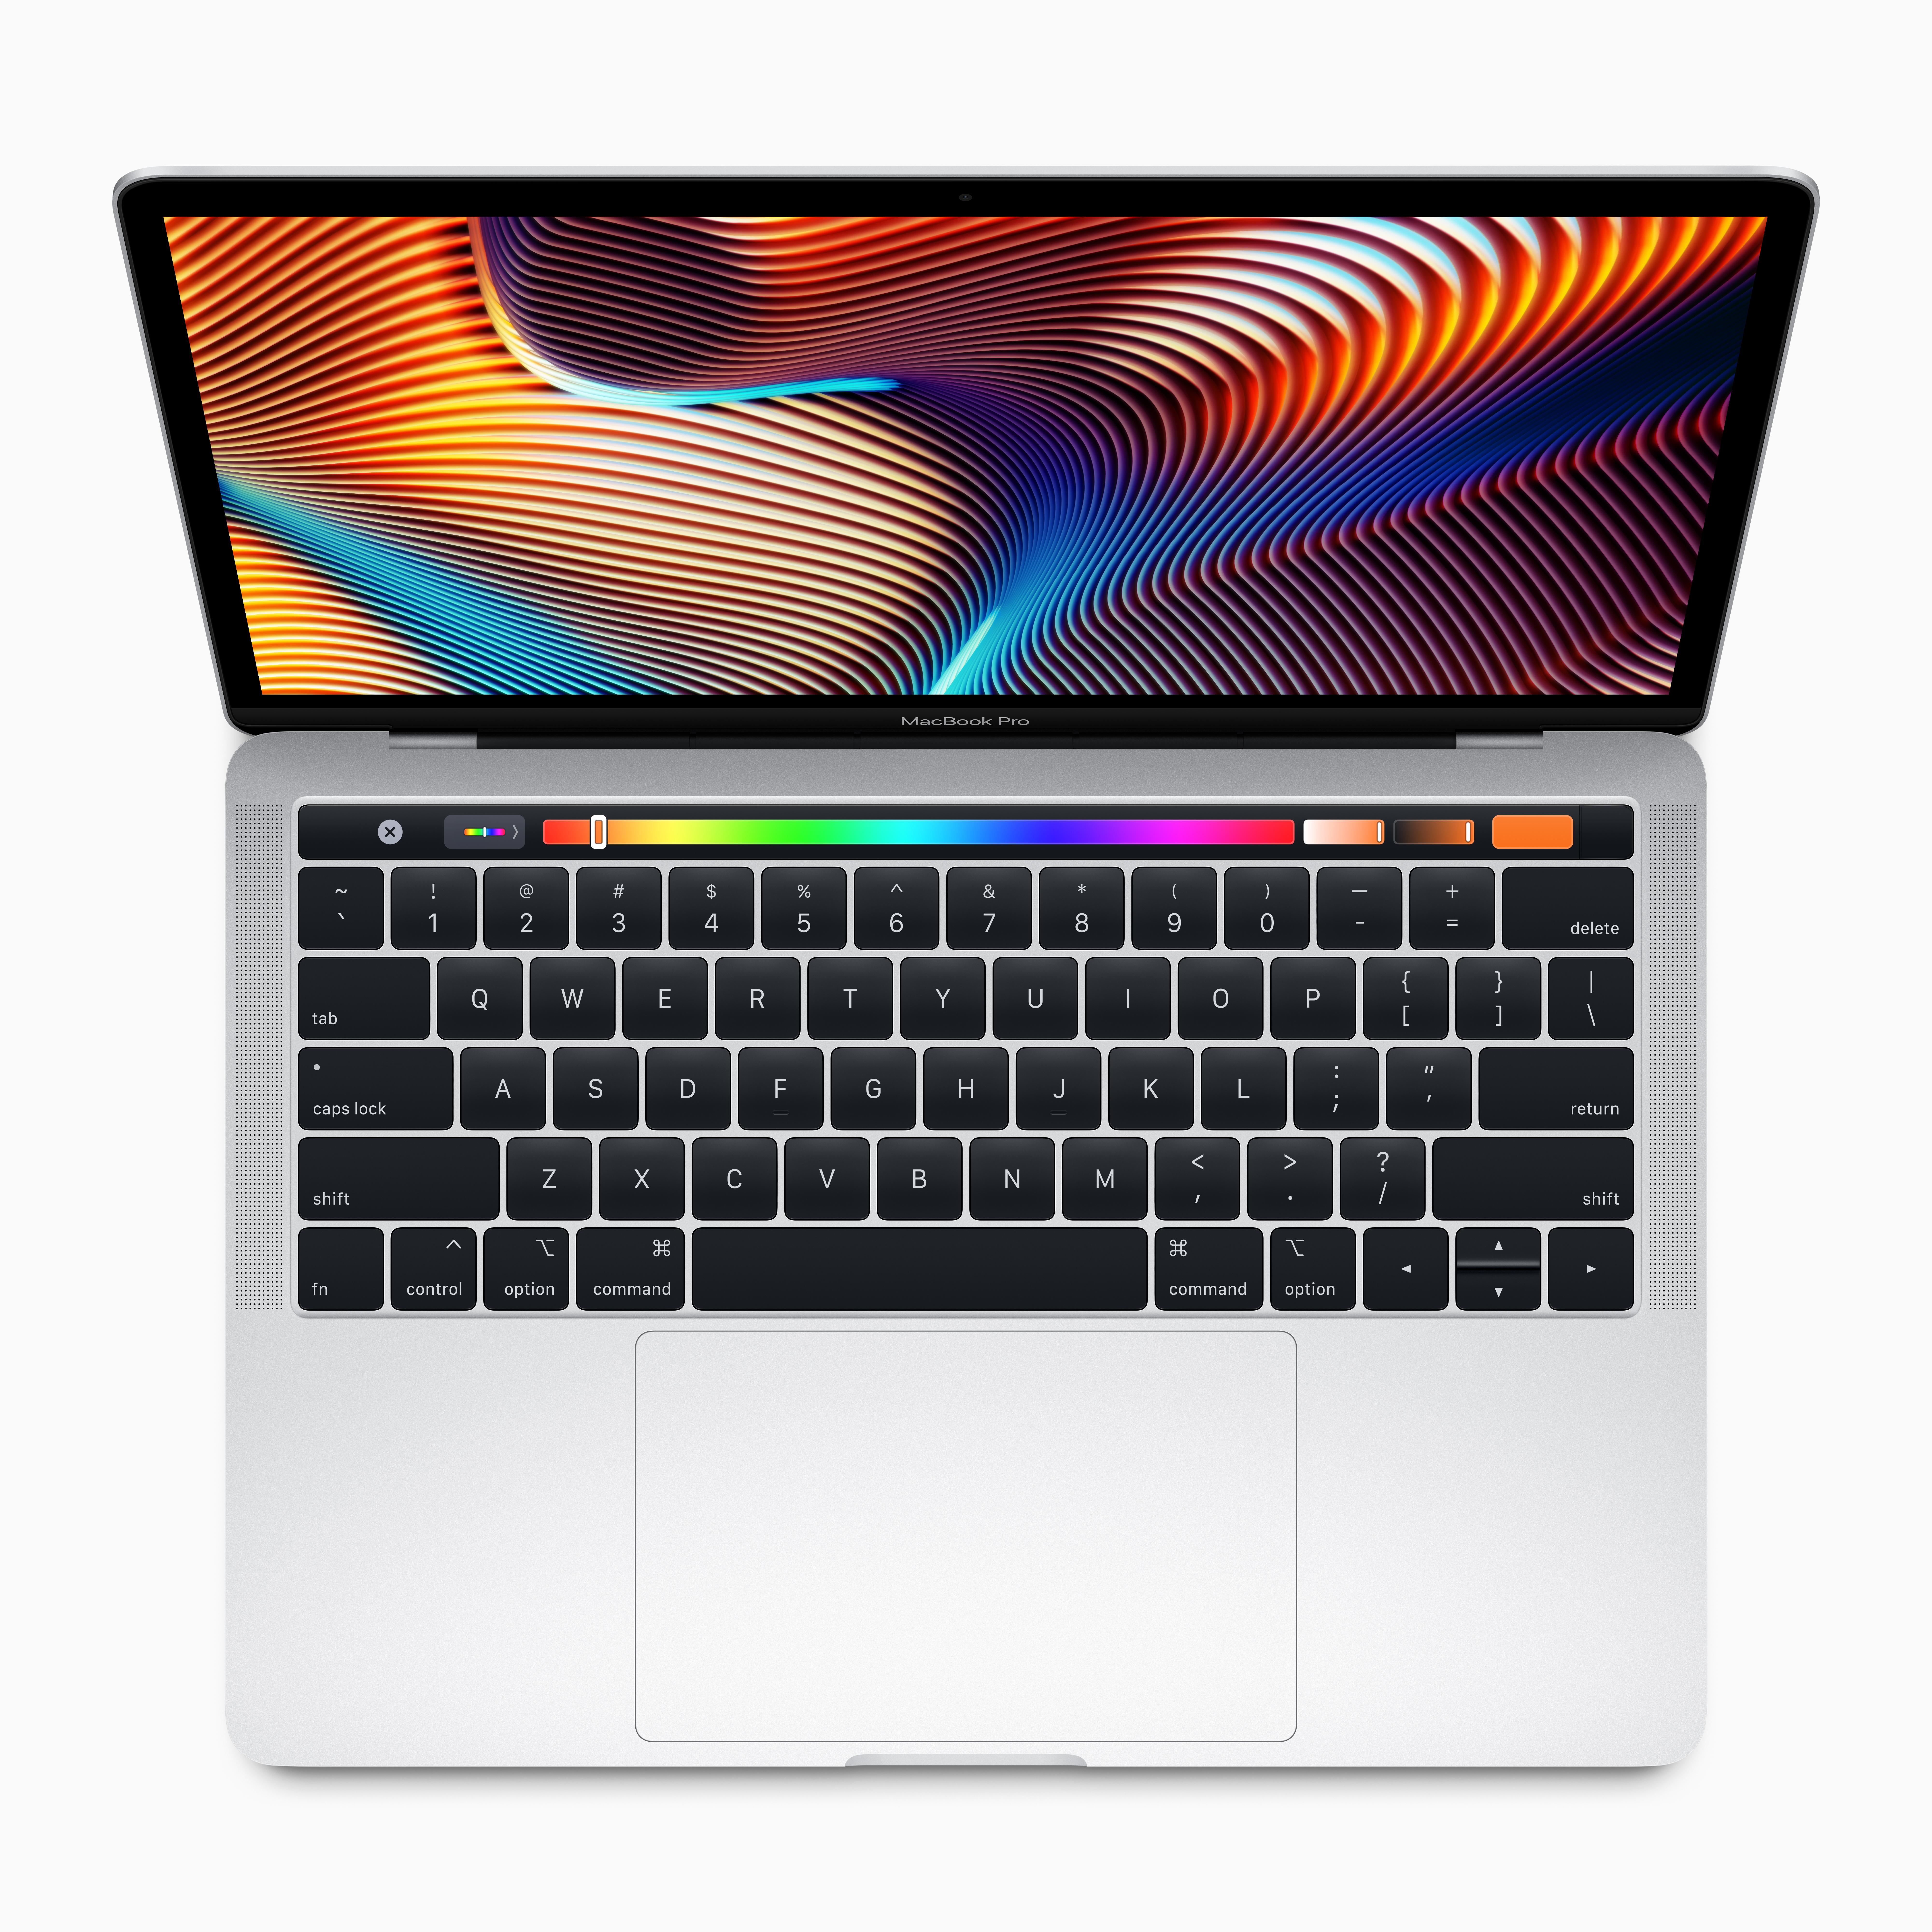 Apple has killed off the original MacBook laptop — Quartz